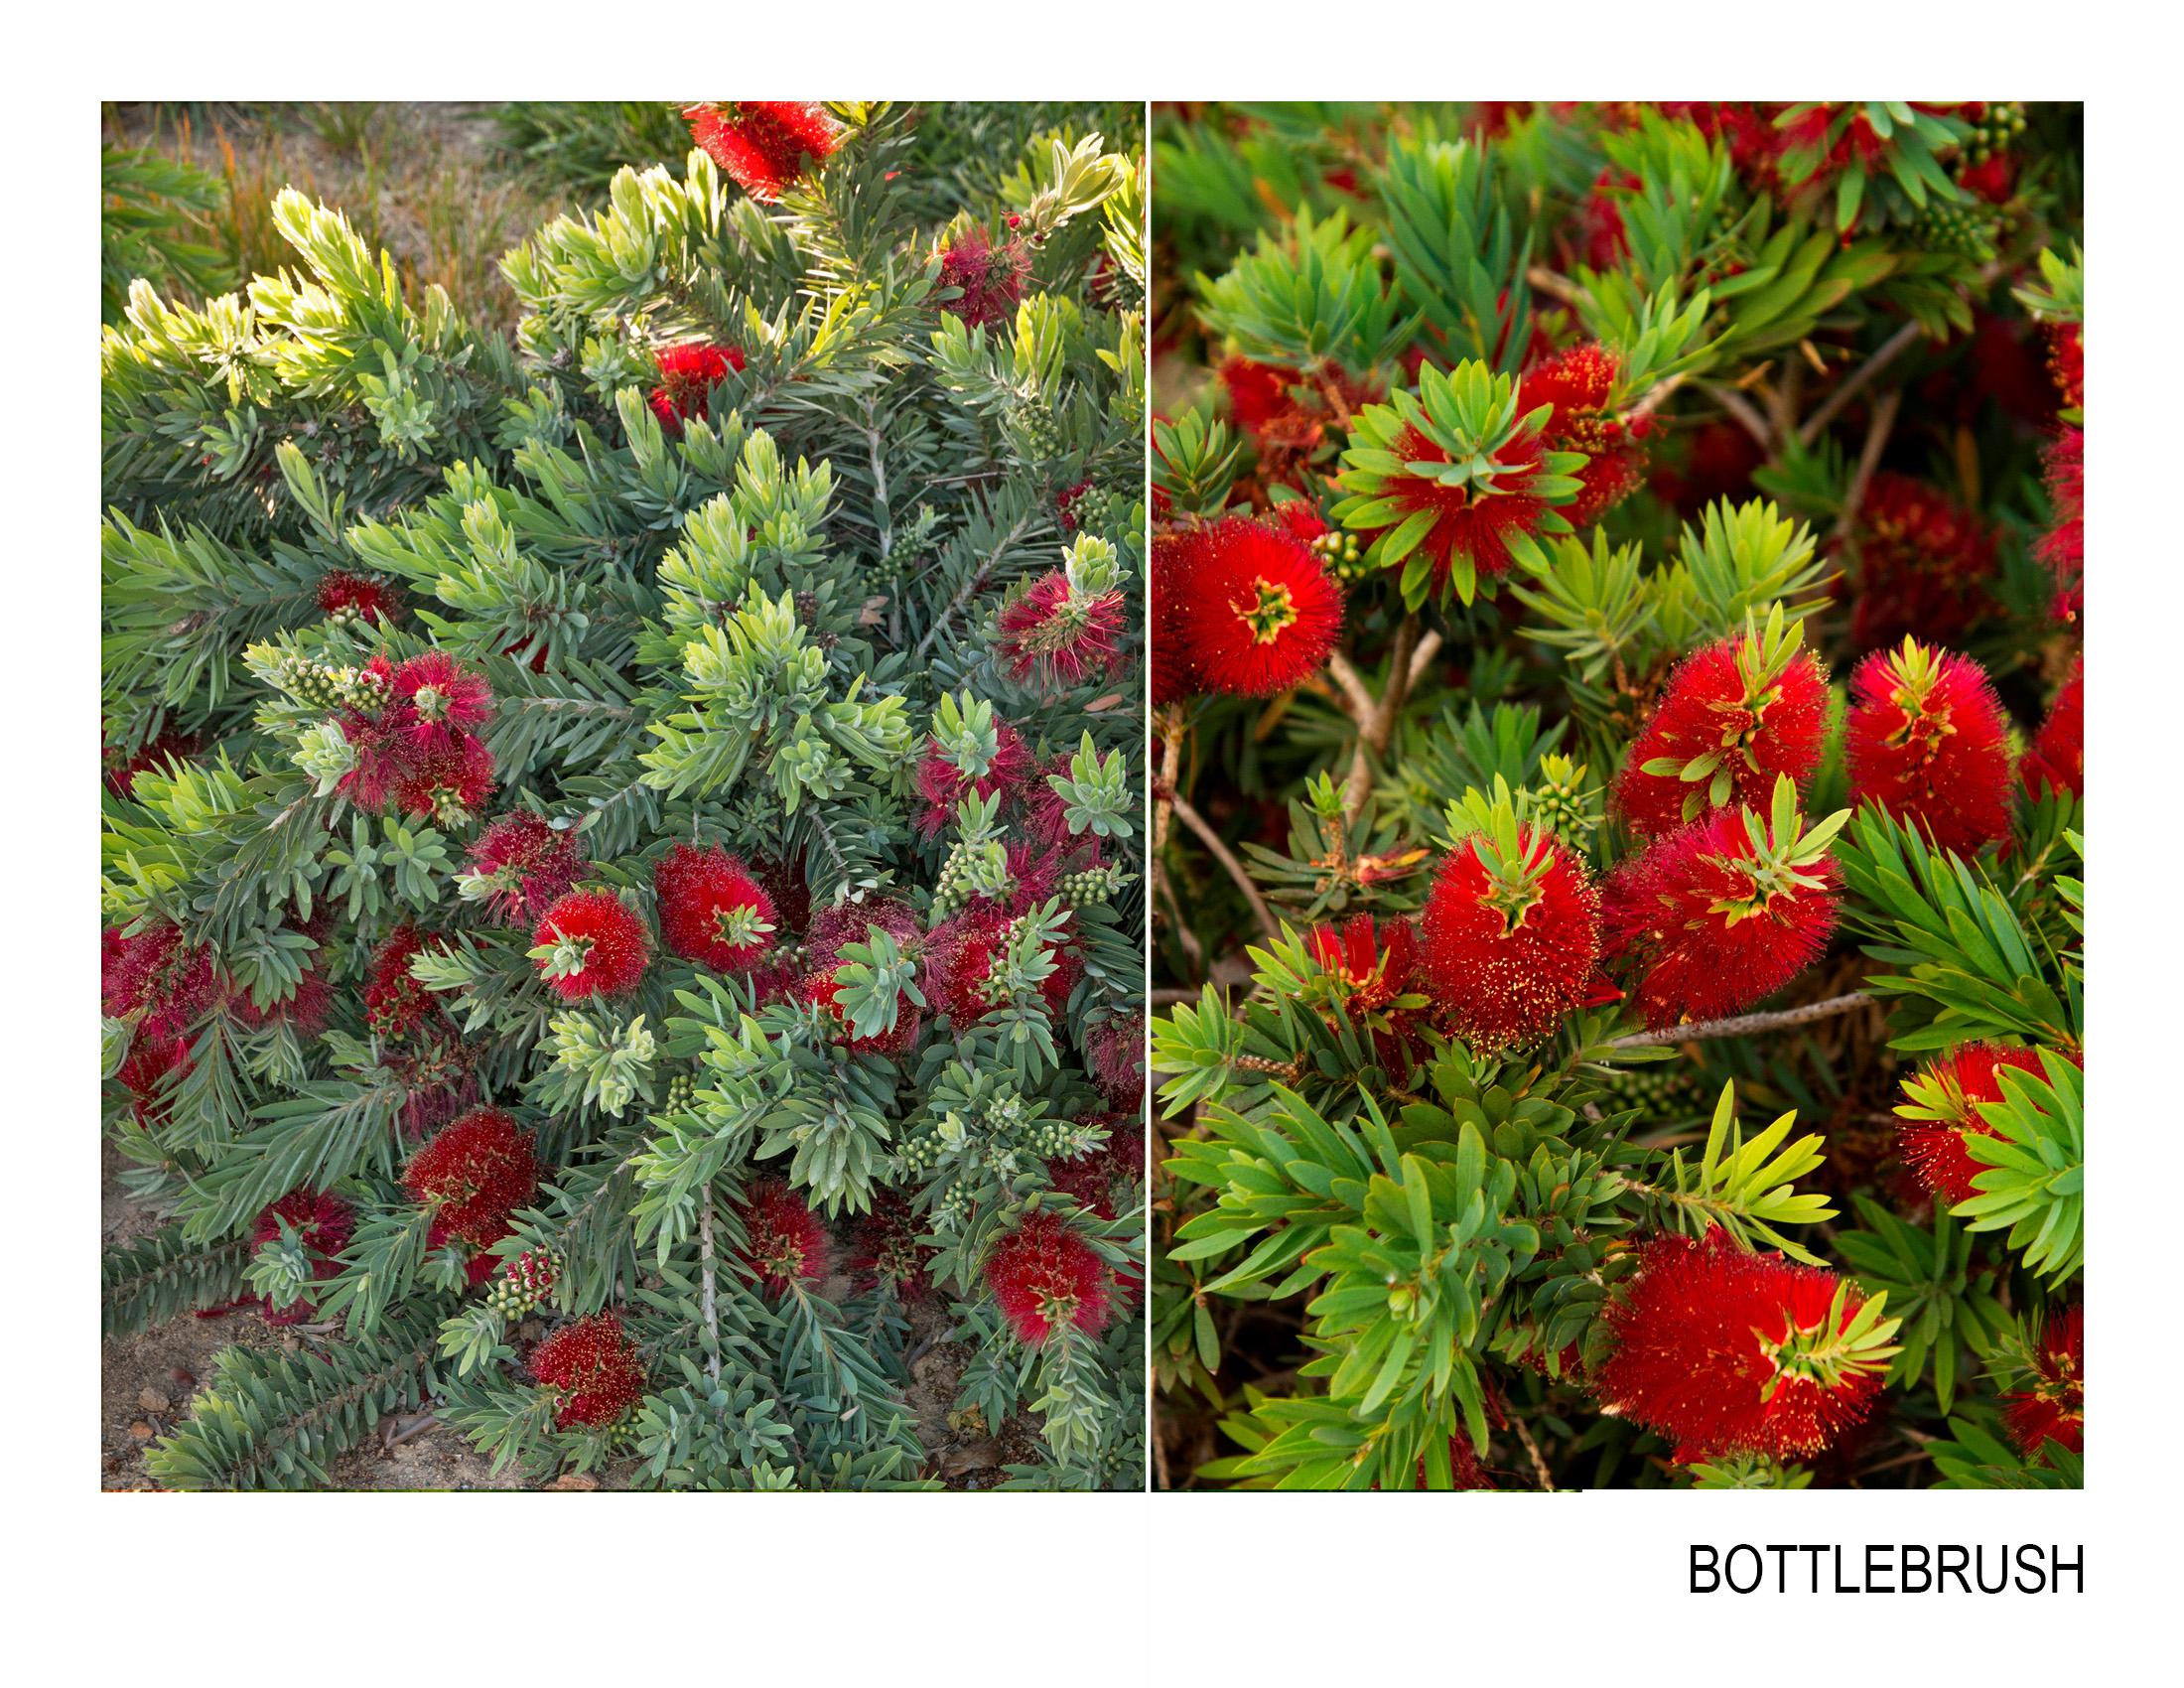 bottlebrush.jpg